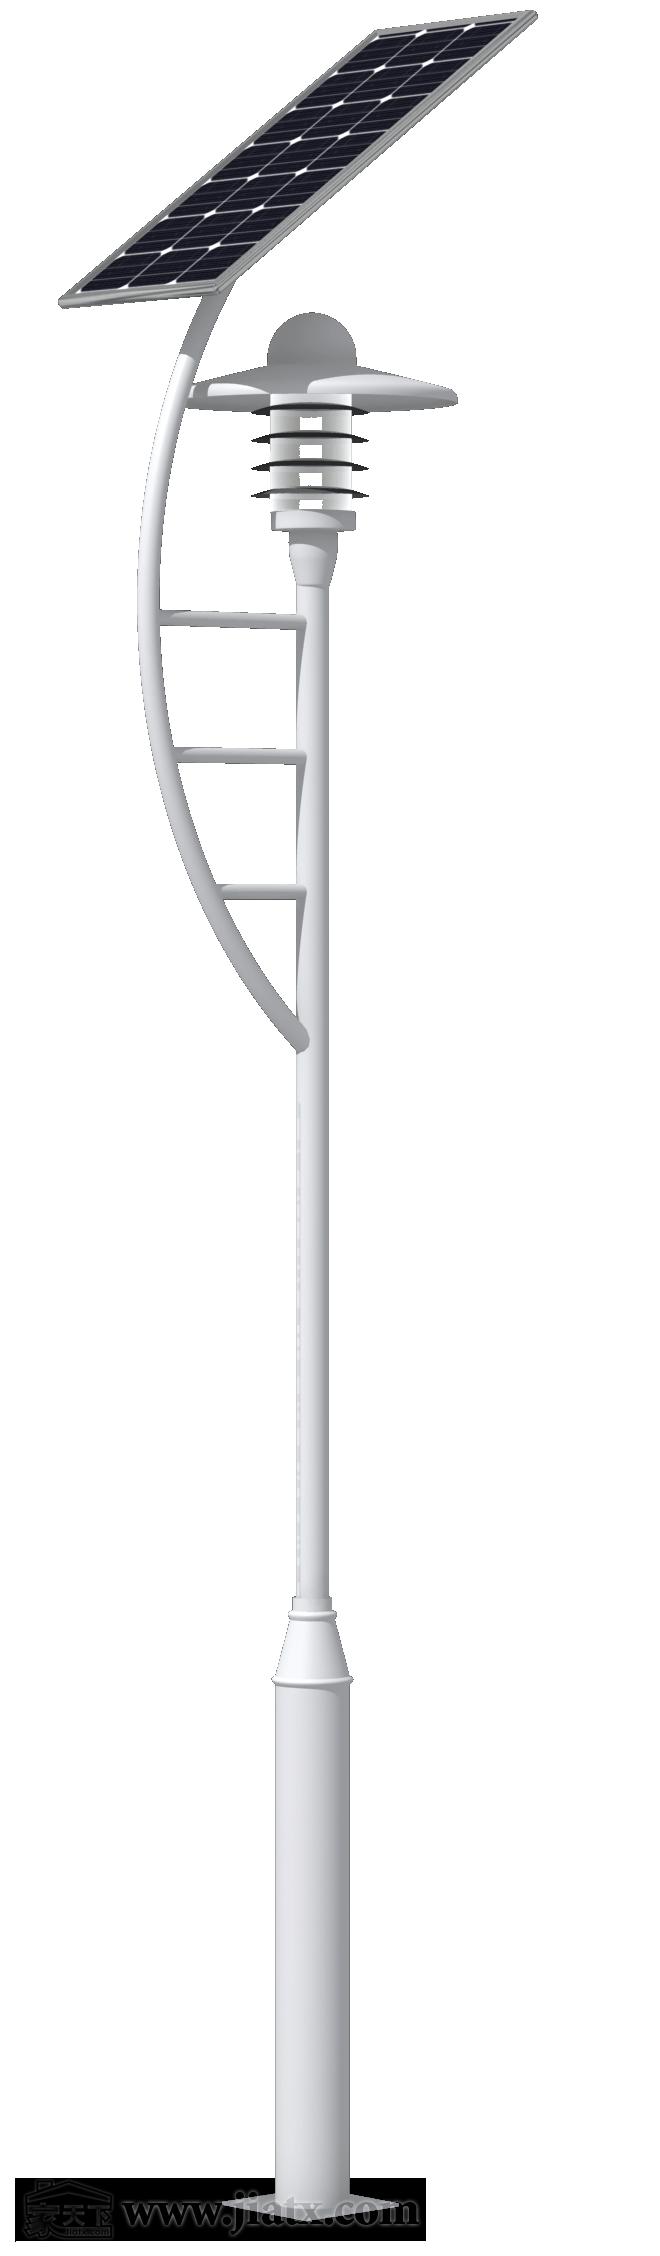 皇明太阳能庭院灯HZT-01